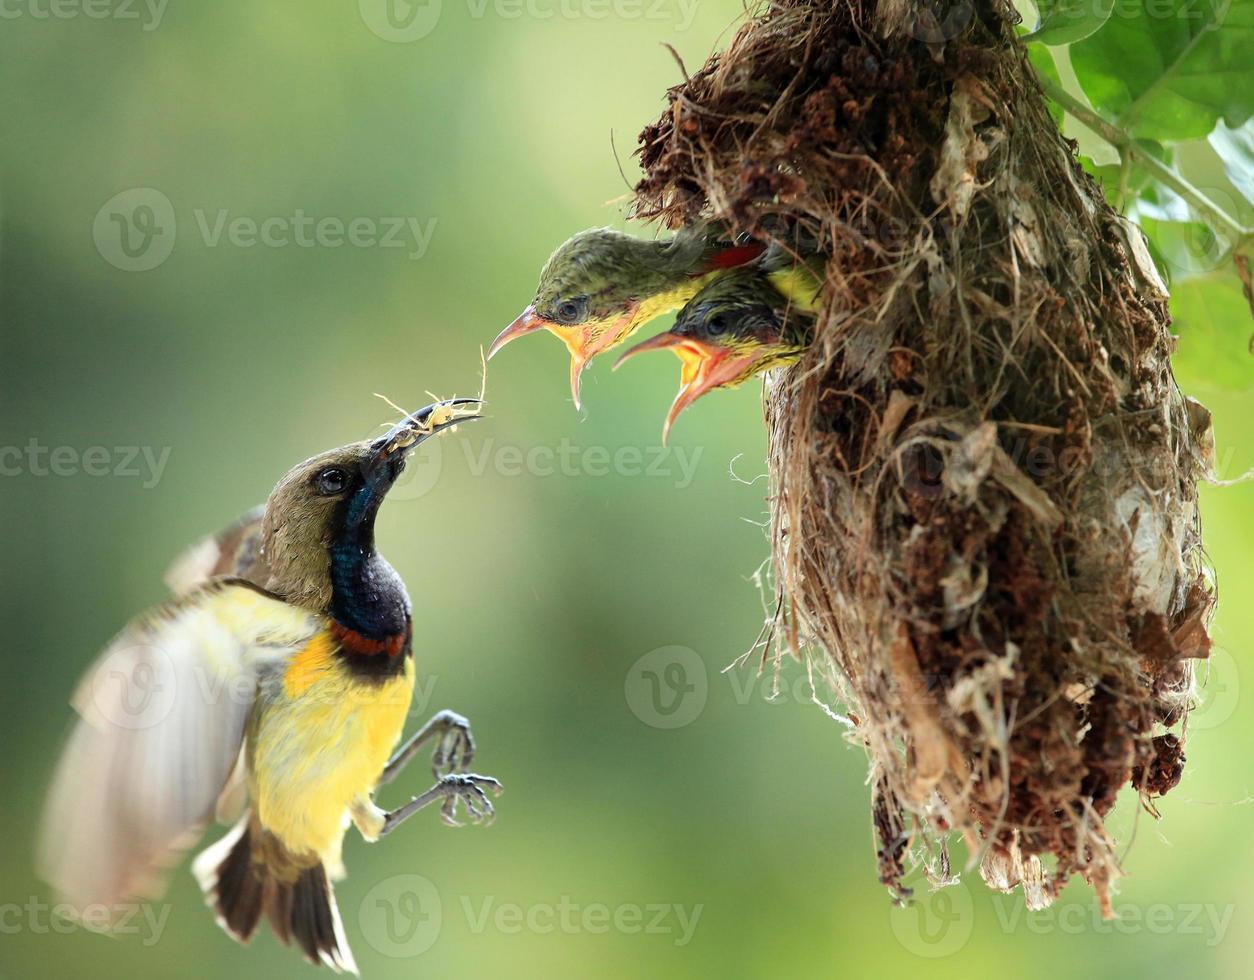 Olive-backed Sunbird family photo